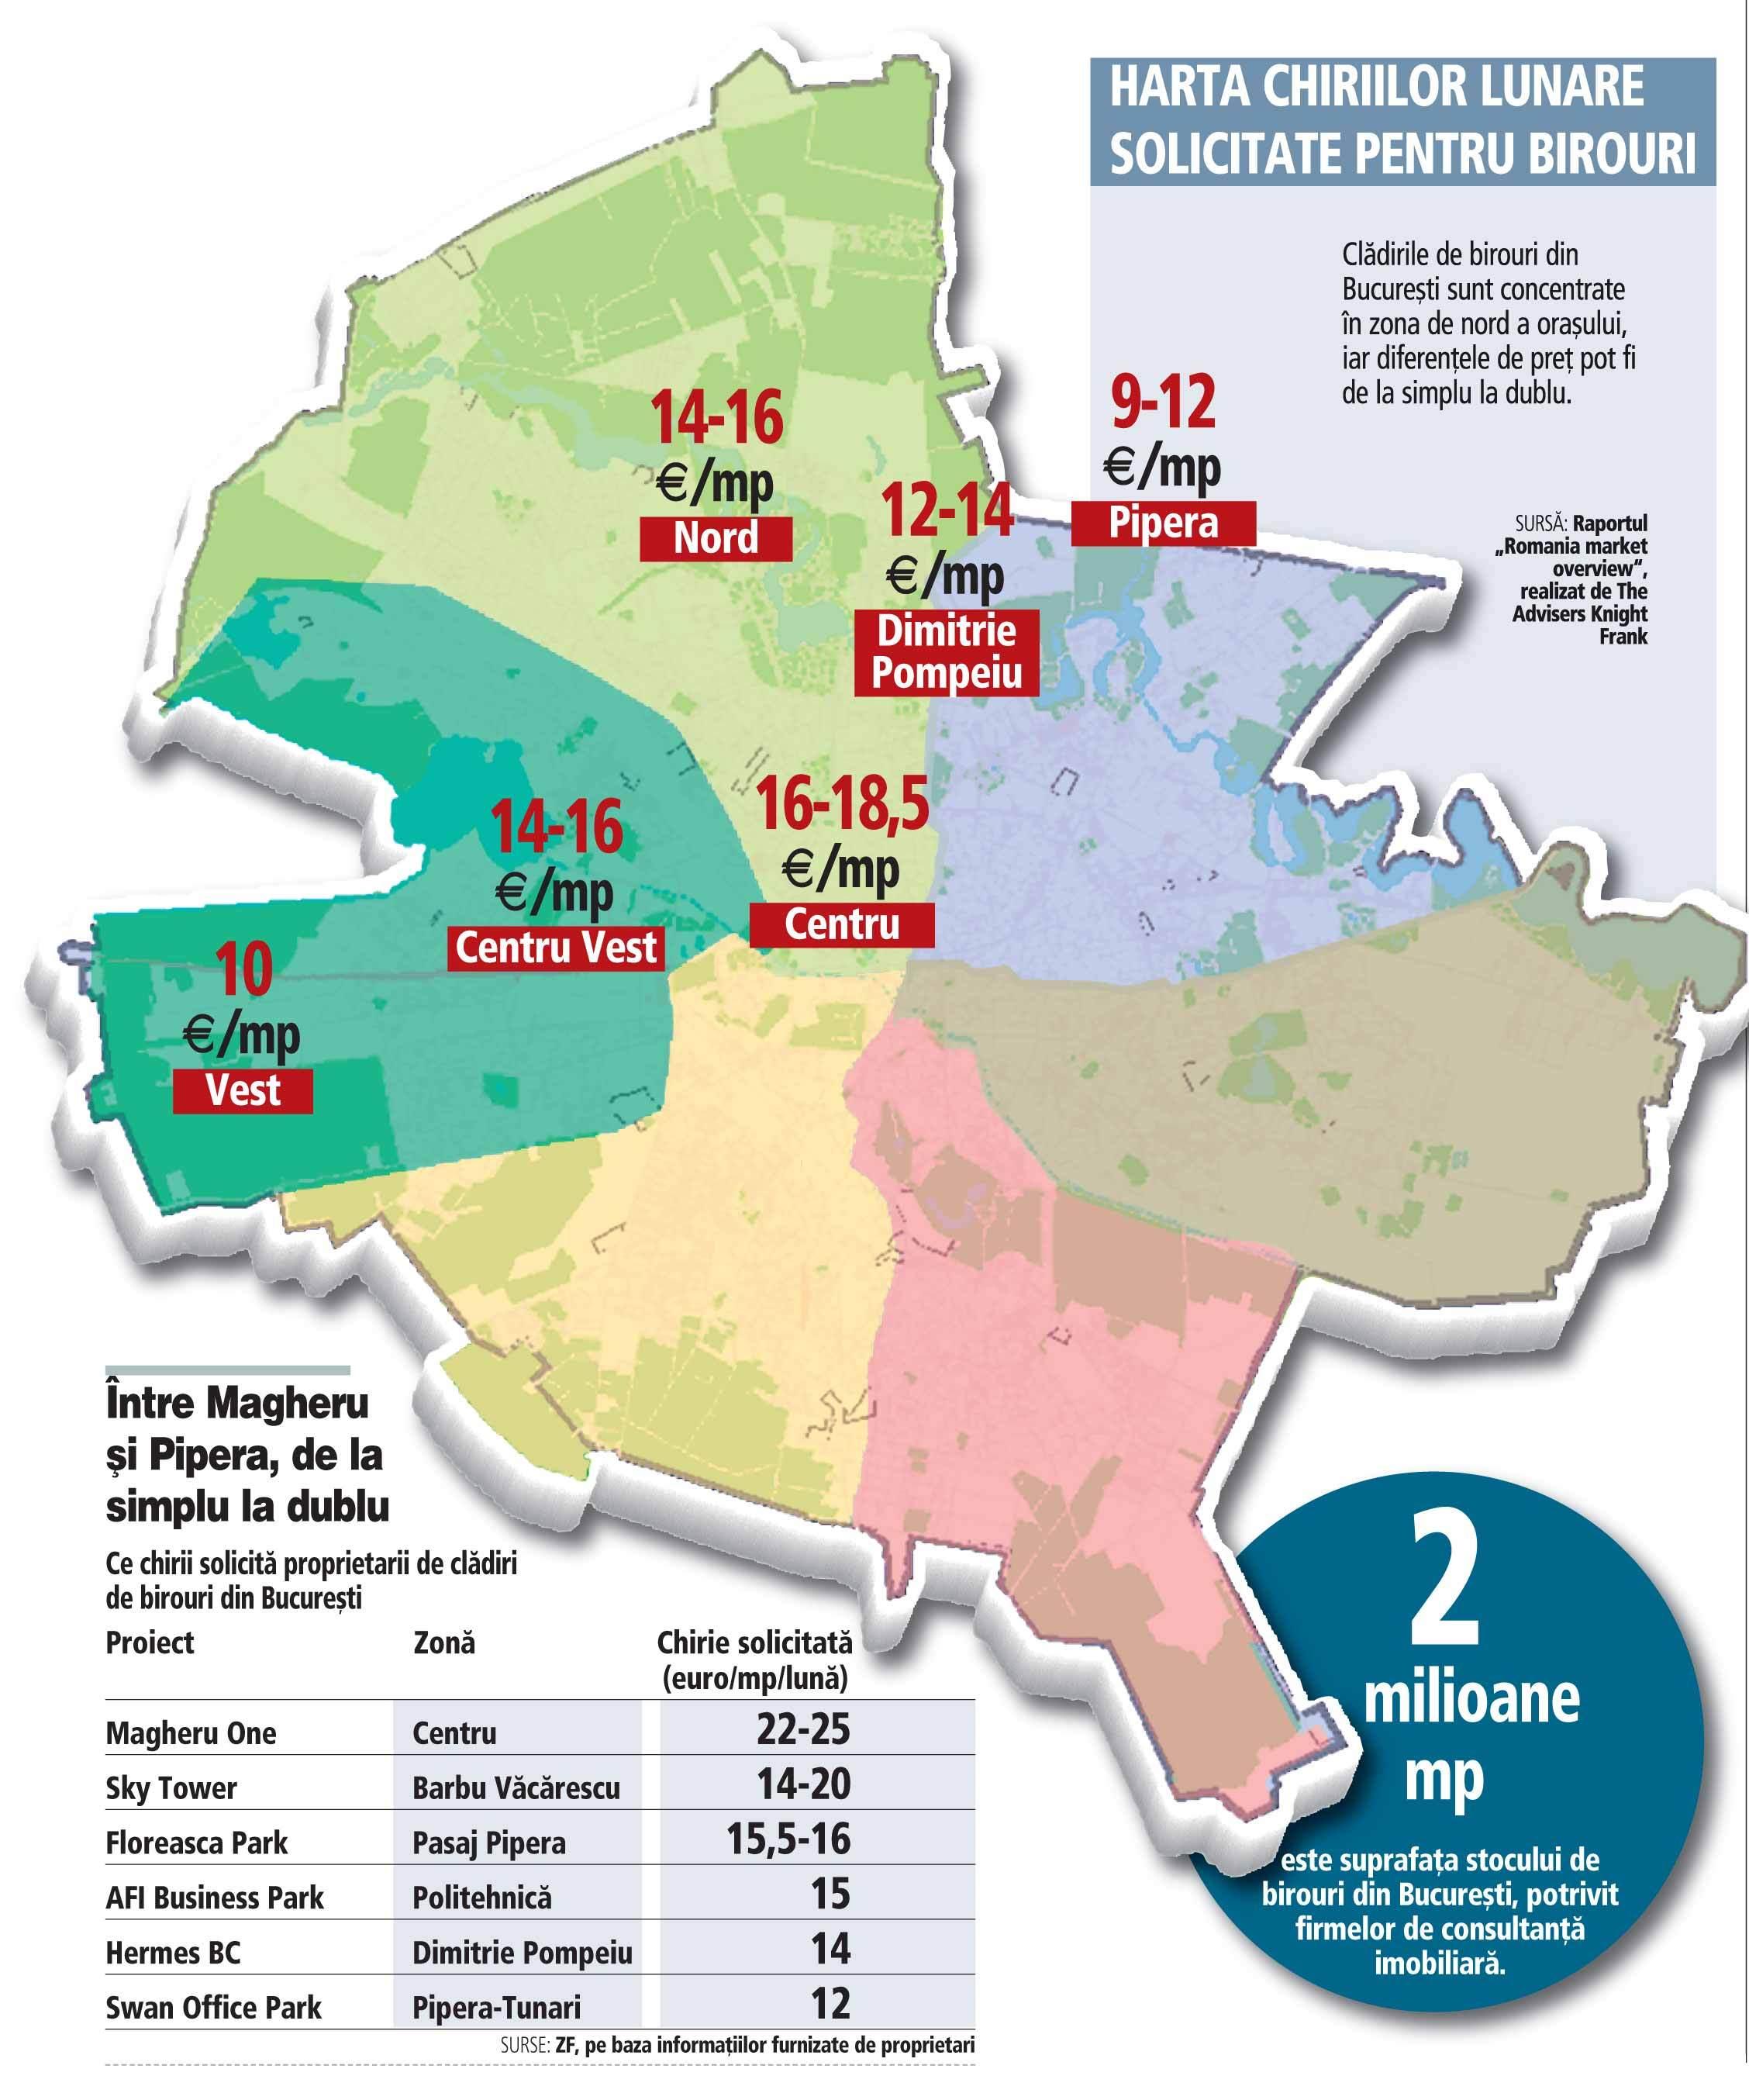 Ce chirii mai aşteaptă proprietarii de birouri din Capitală: Magheru, de două ori mai scump ca Pipera